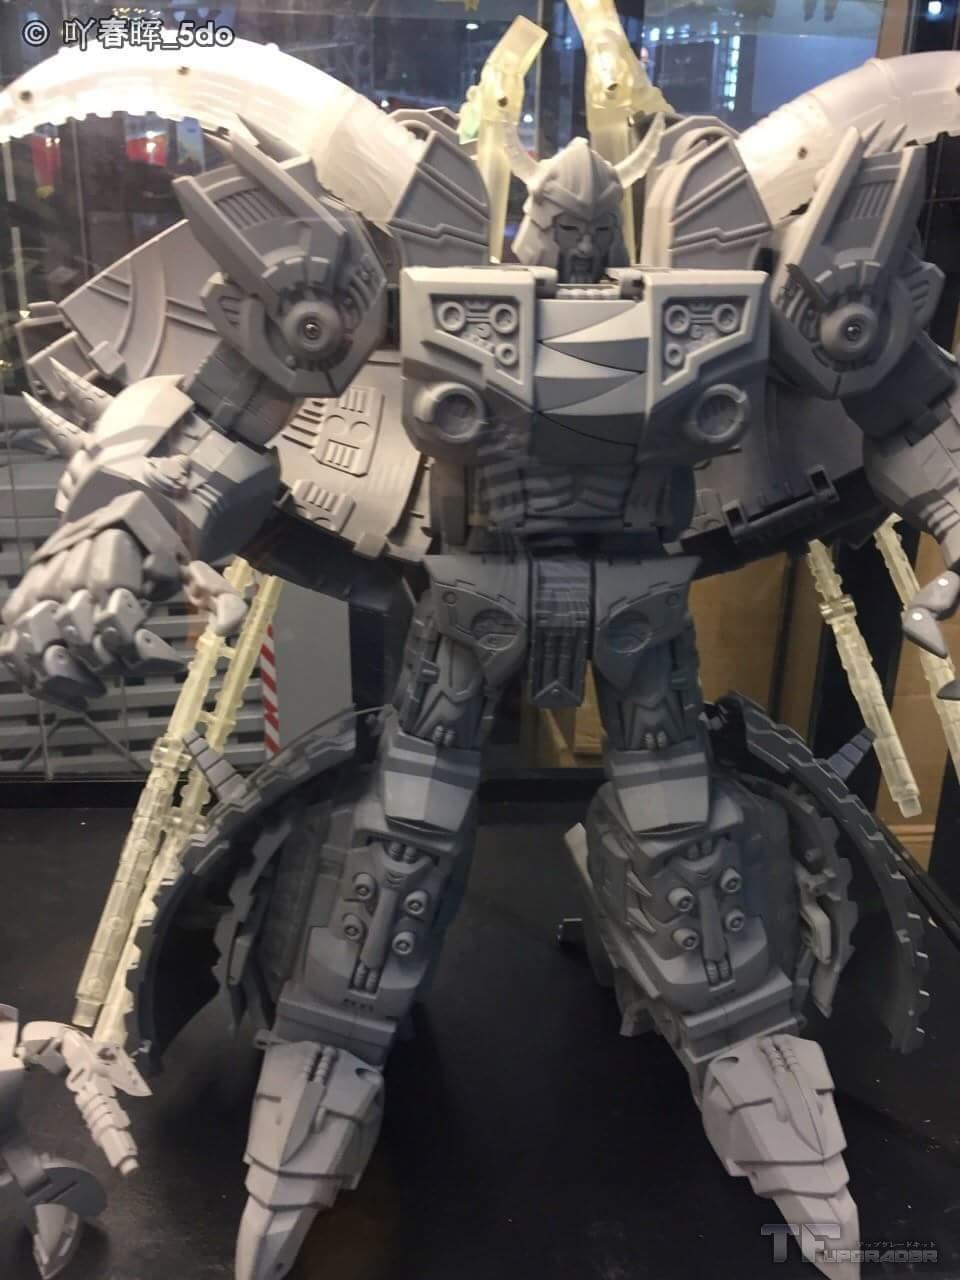 [Garatron] Produit Tiers - Gangs Of Devils G.O.D-02 Galaxy Demolishor - aka Unicron (Beast Wars Neo) IpO2UdrB